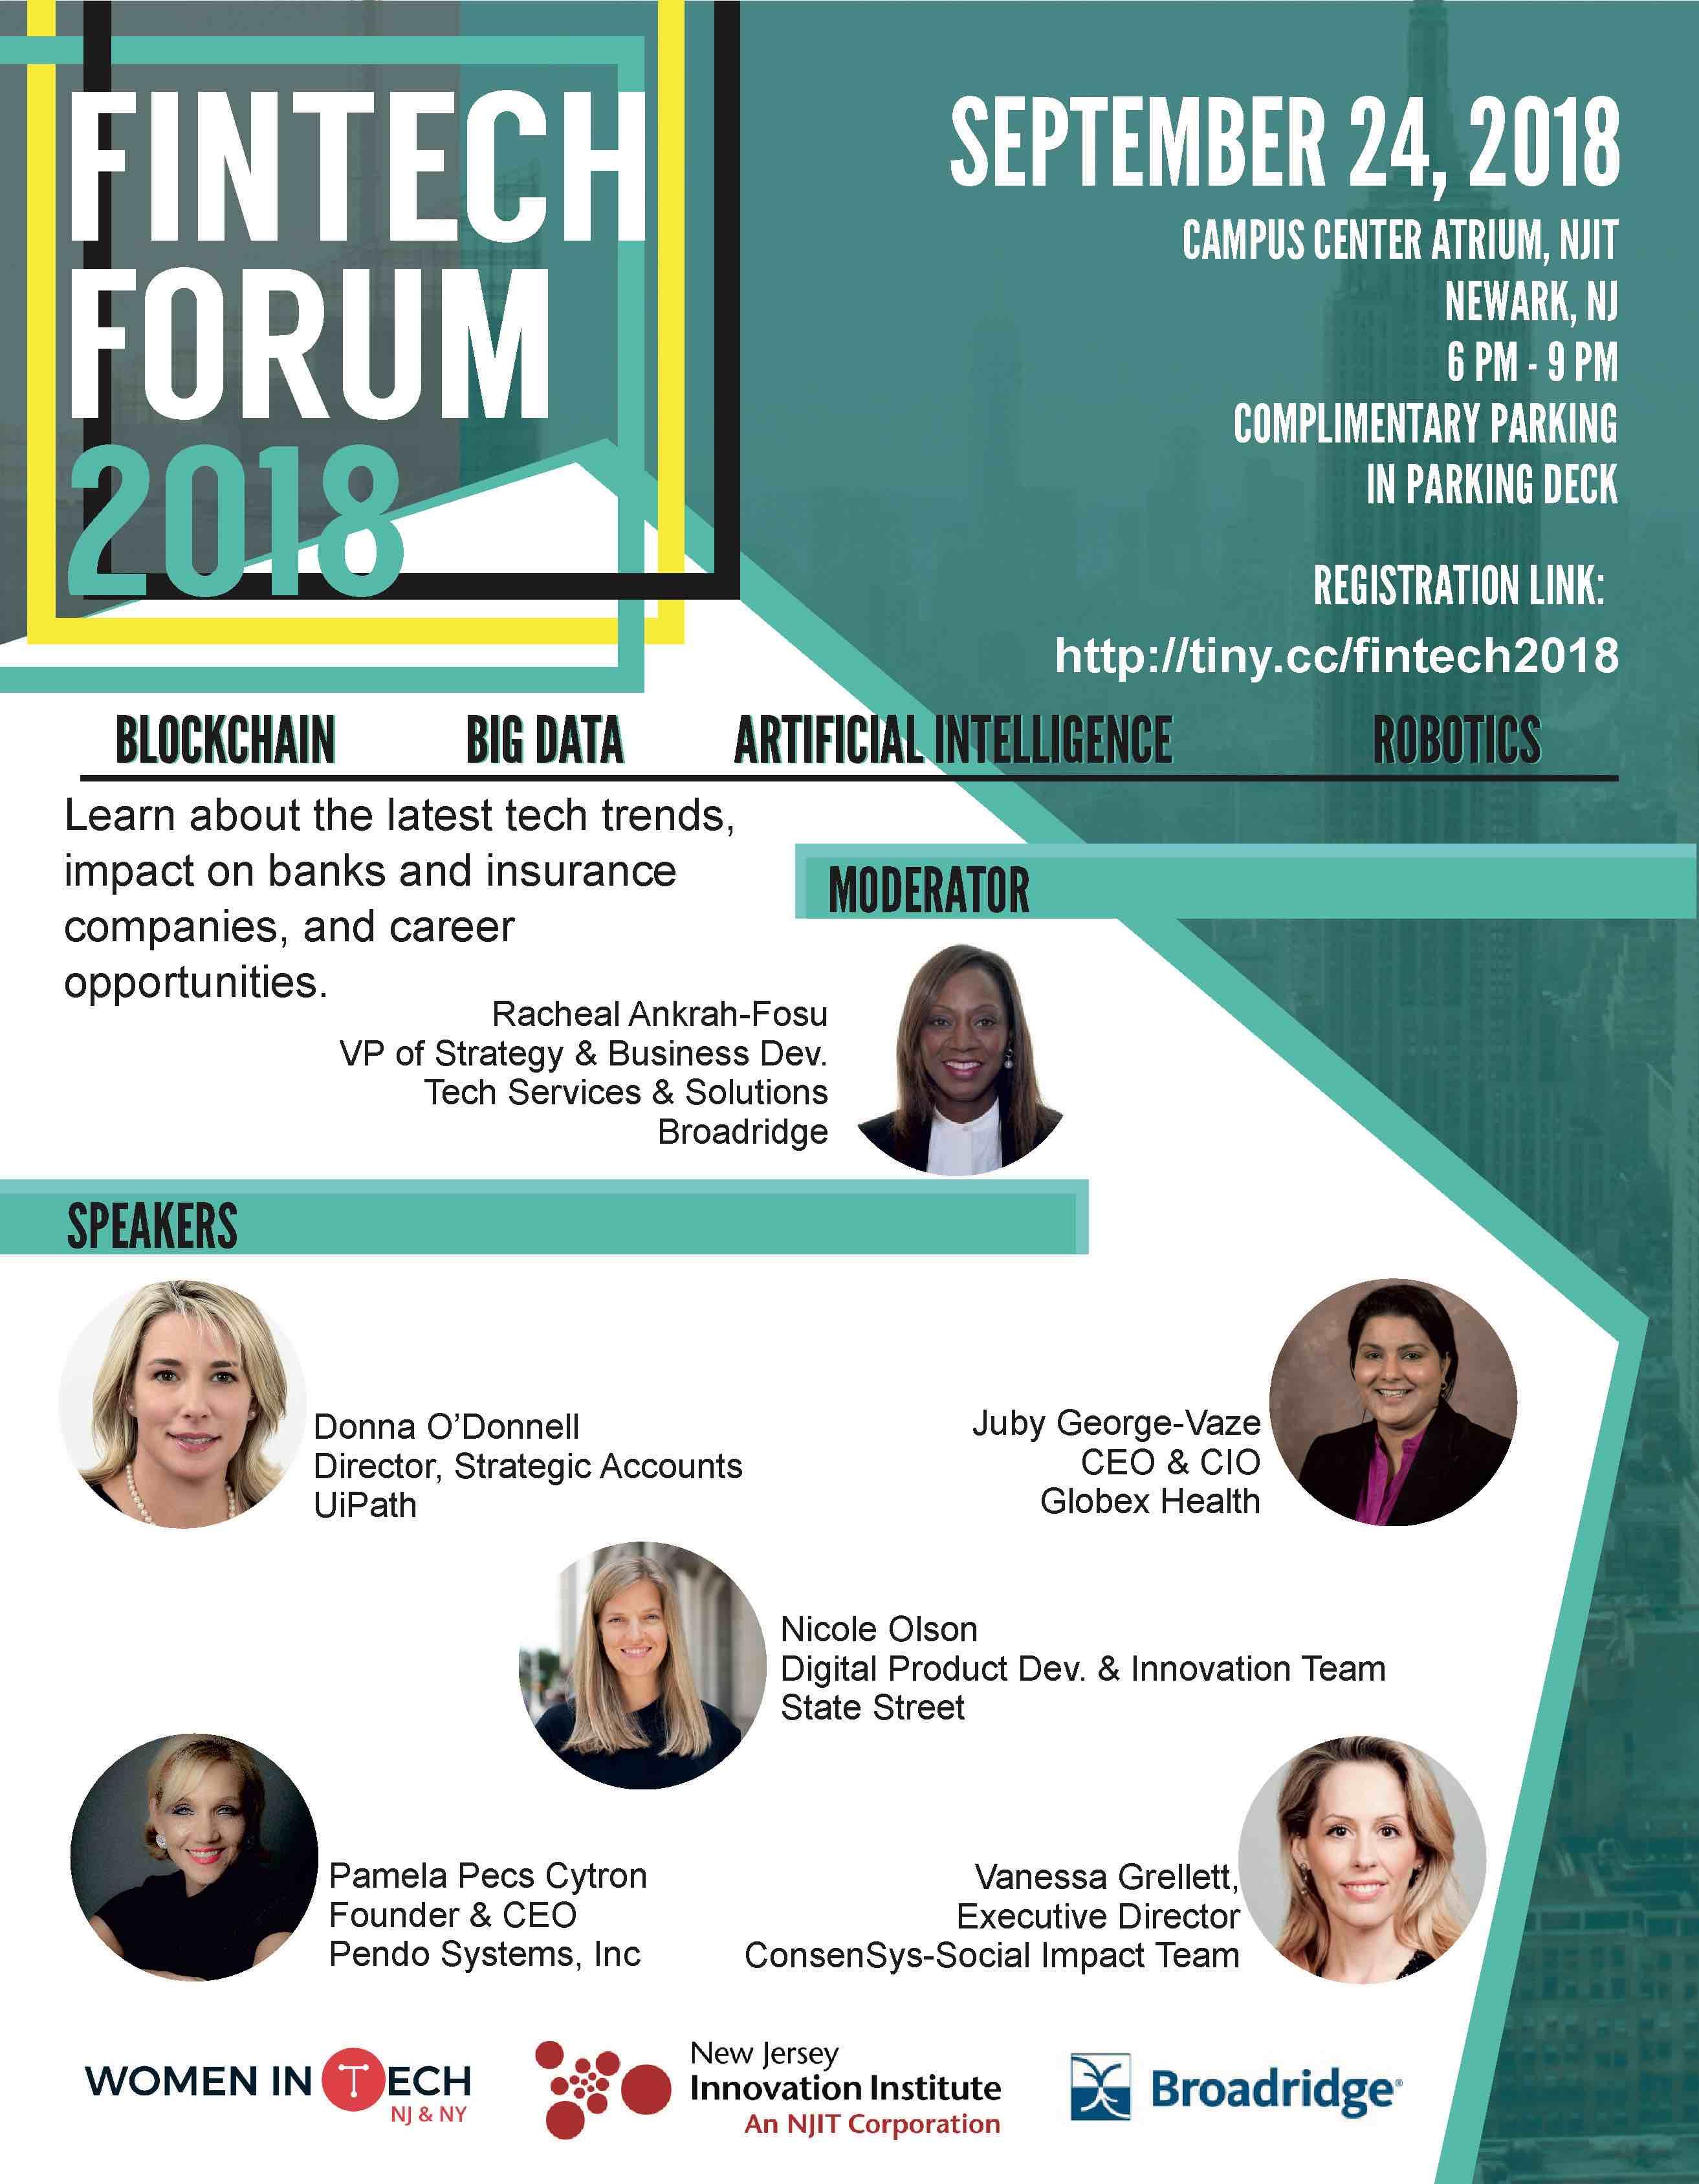 FinTech Forum Flyer 9-24-18